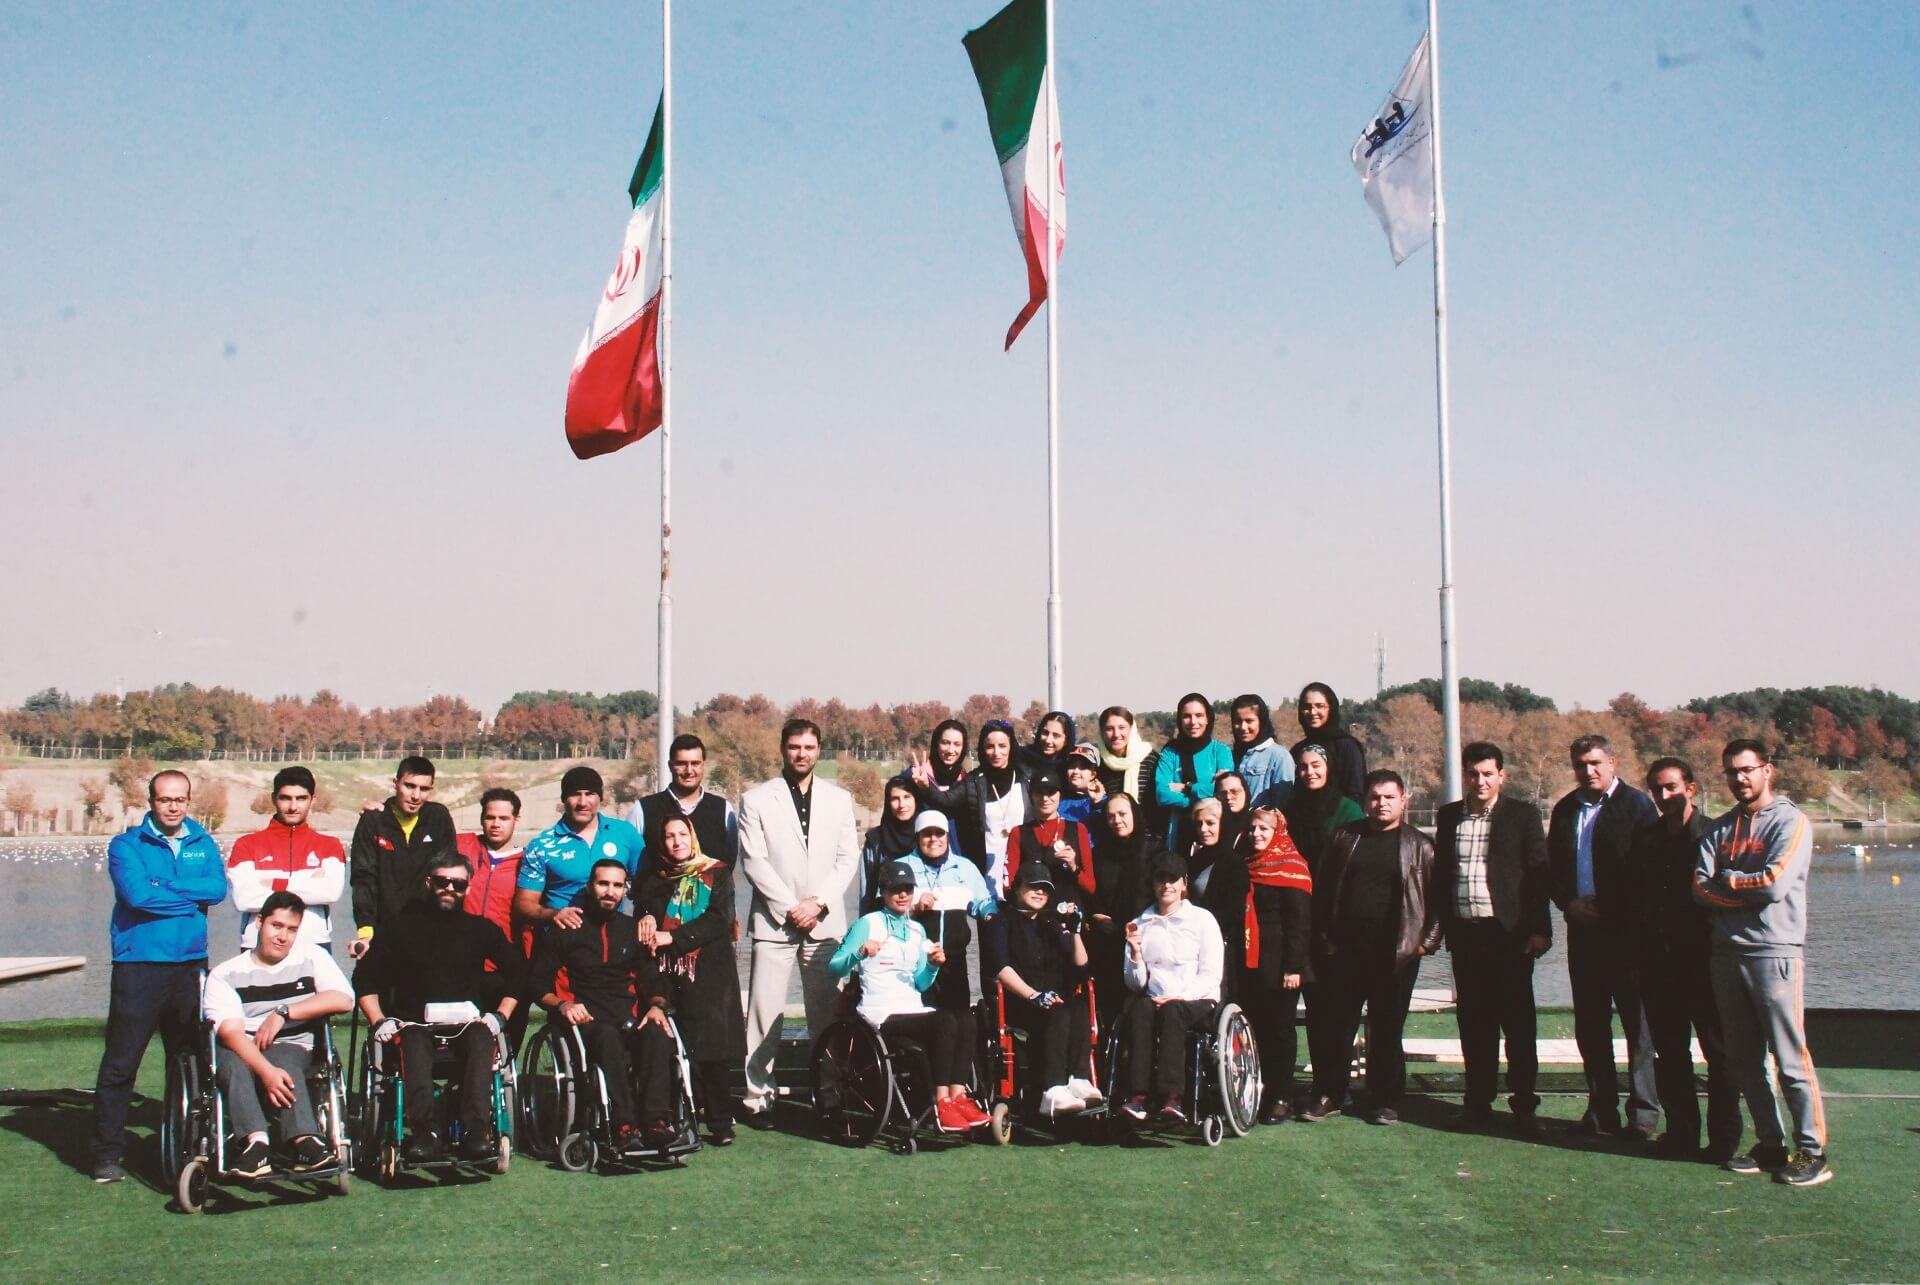 نفرات برتر مسابقات قهرمانی کشور بانوان مشخص شدند